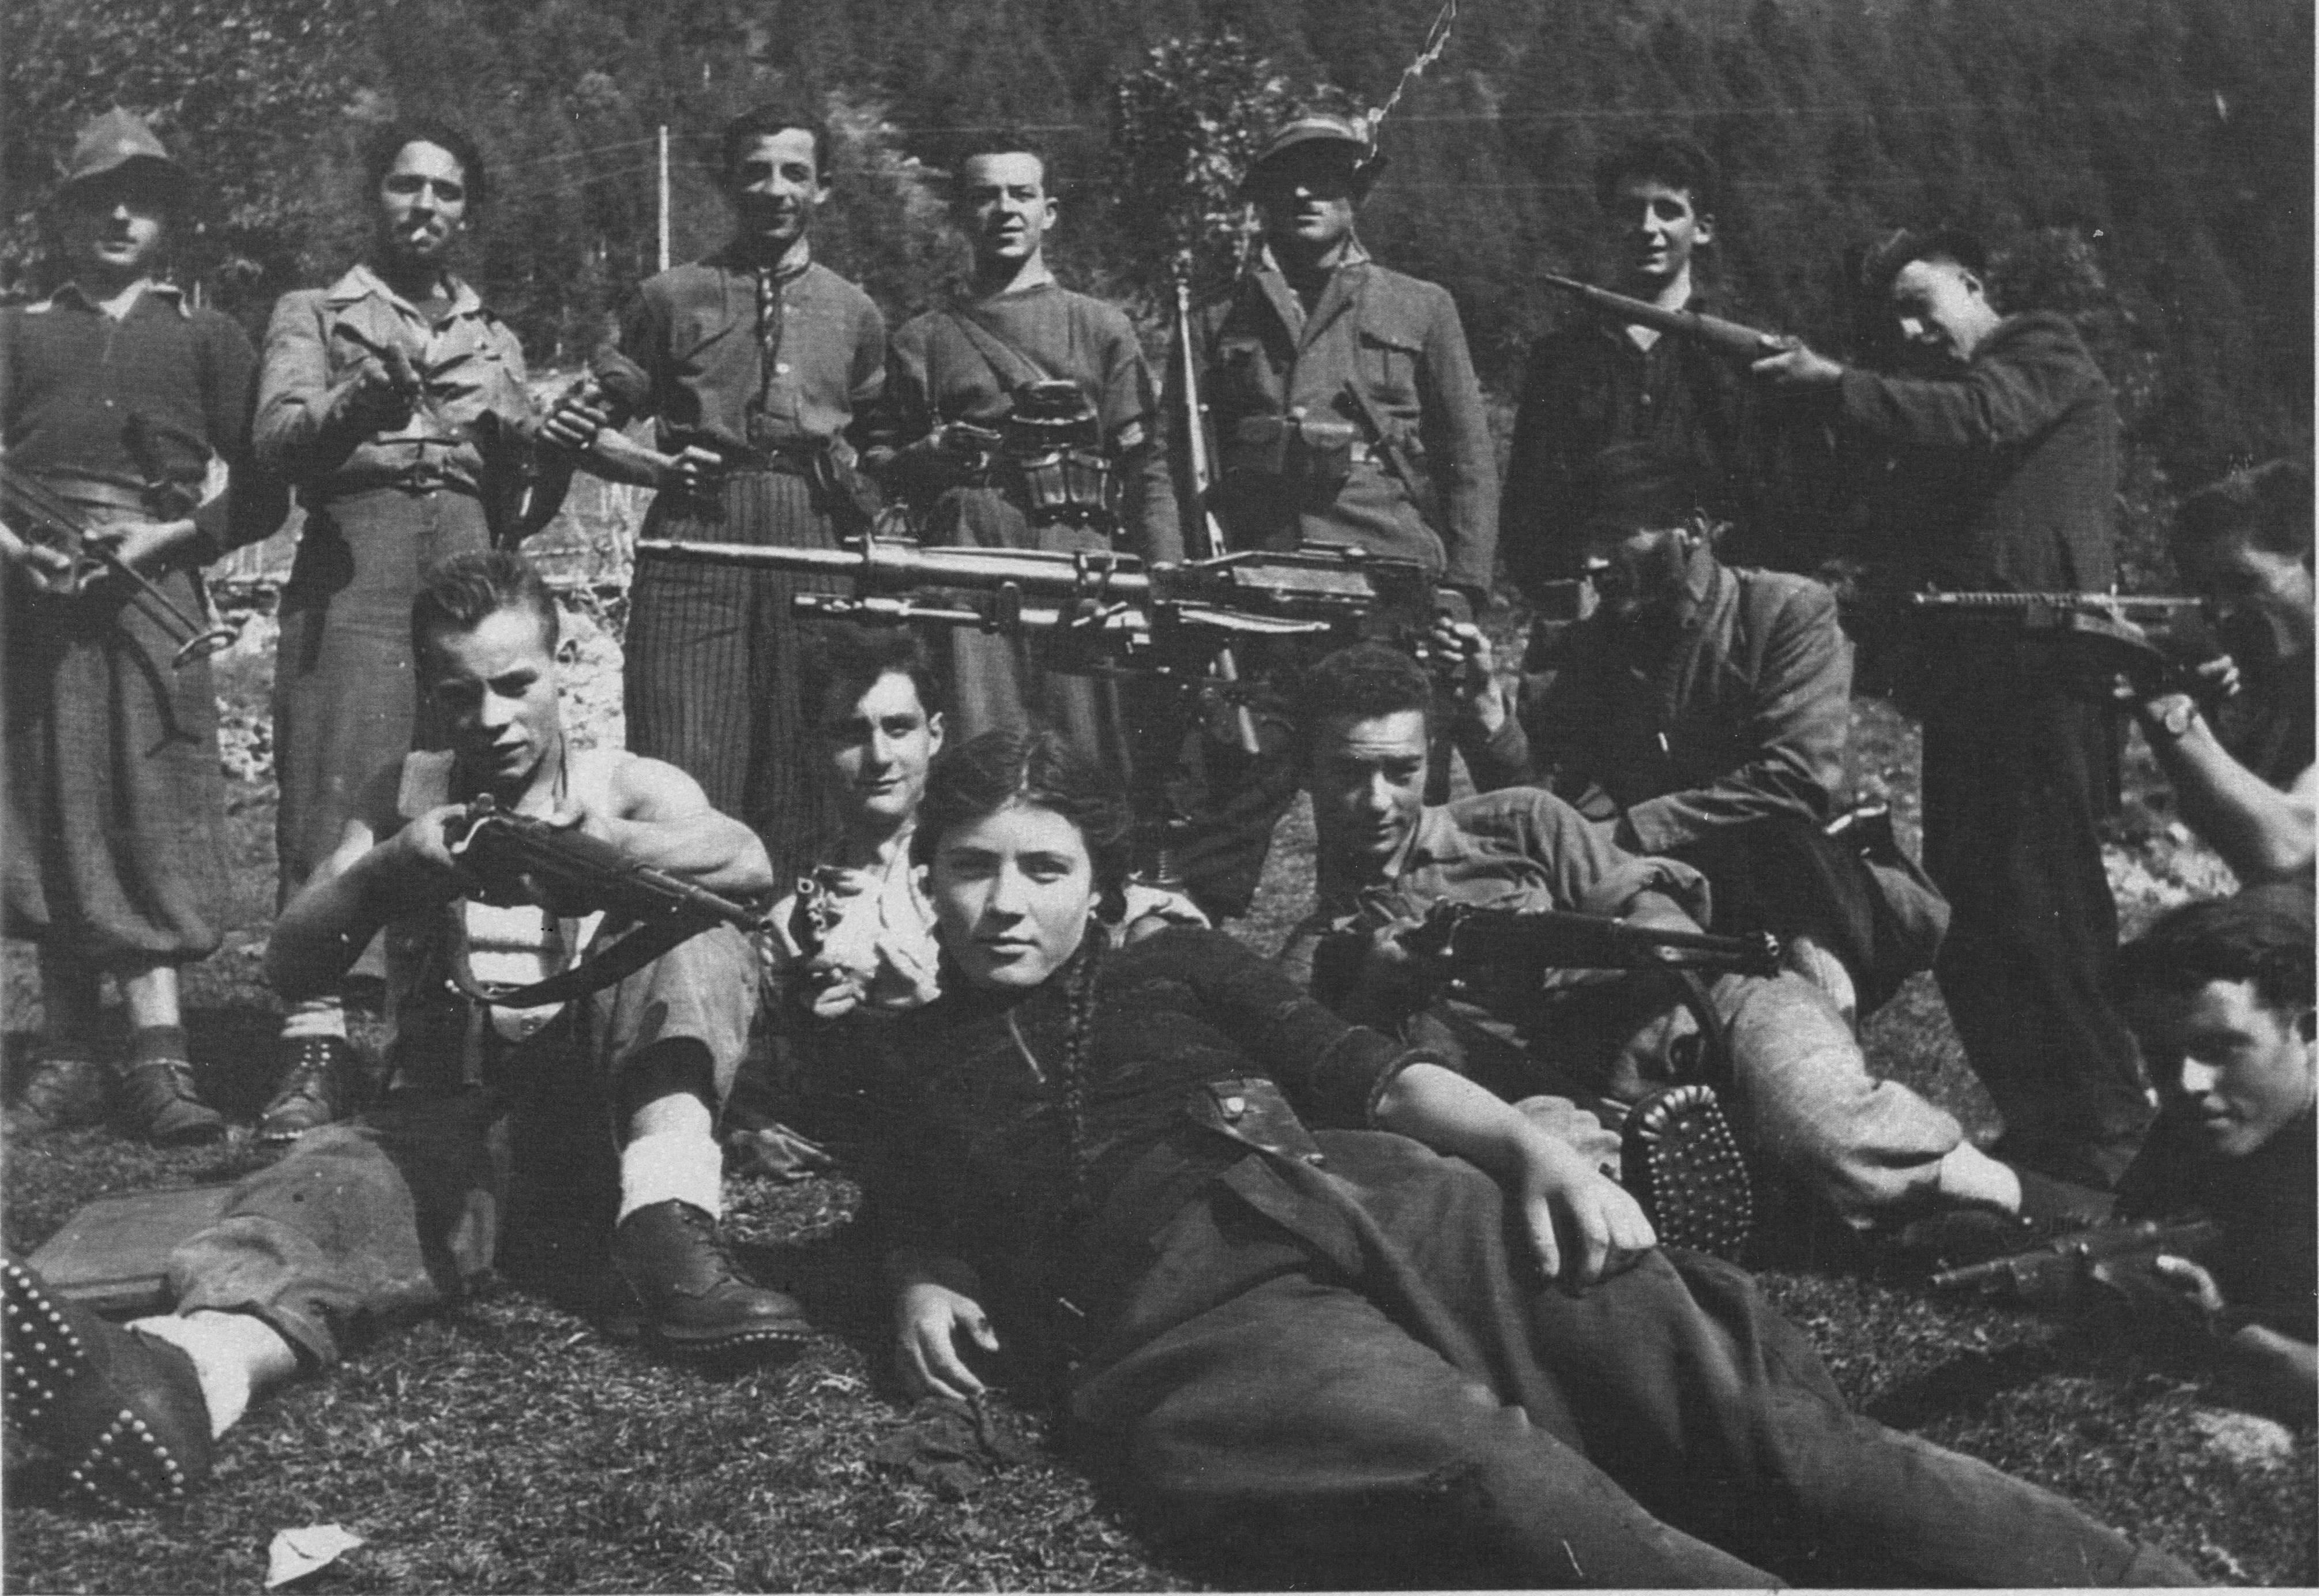 Rosi-Romelli-e-i-partigiani-della-54a-Brigata-Garibaldi-il-padre-Bigio-Romelli-impugna-la-mitragliatrice-Estate-1944-Val-Saviore-Anpi-Brescia.jpg